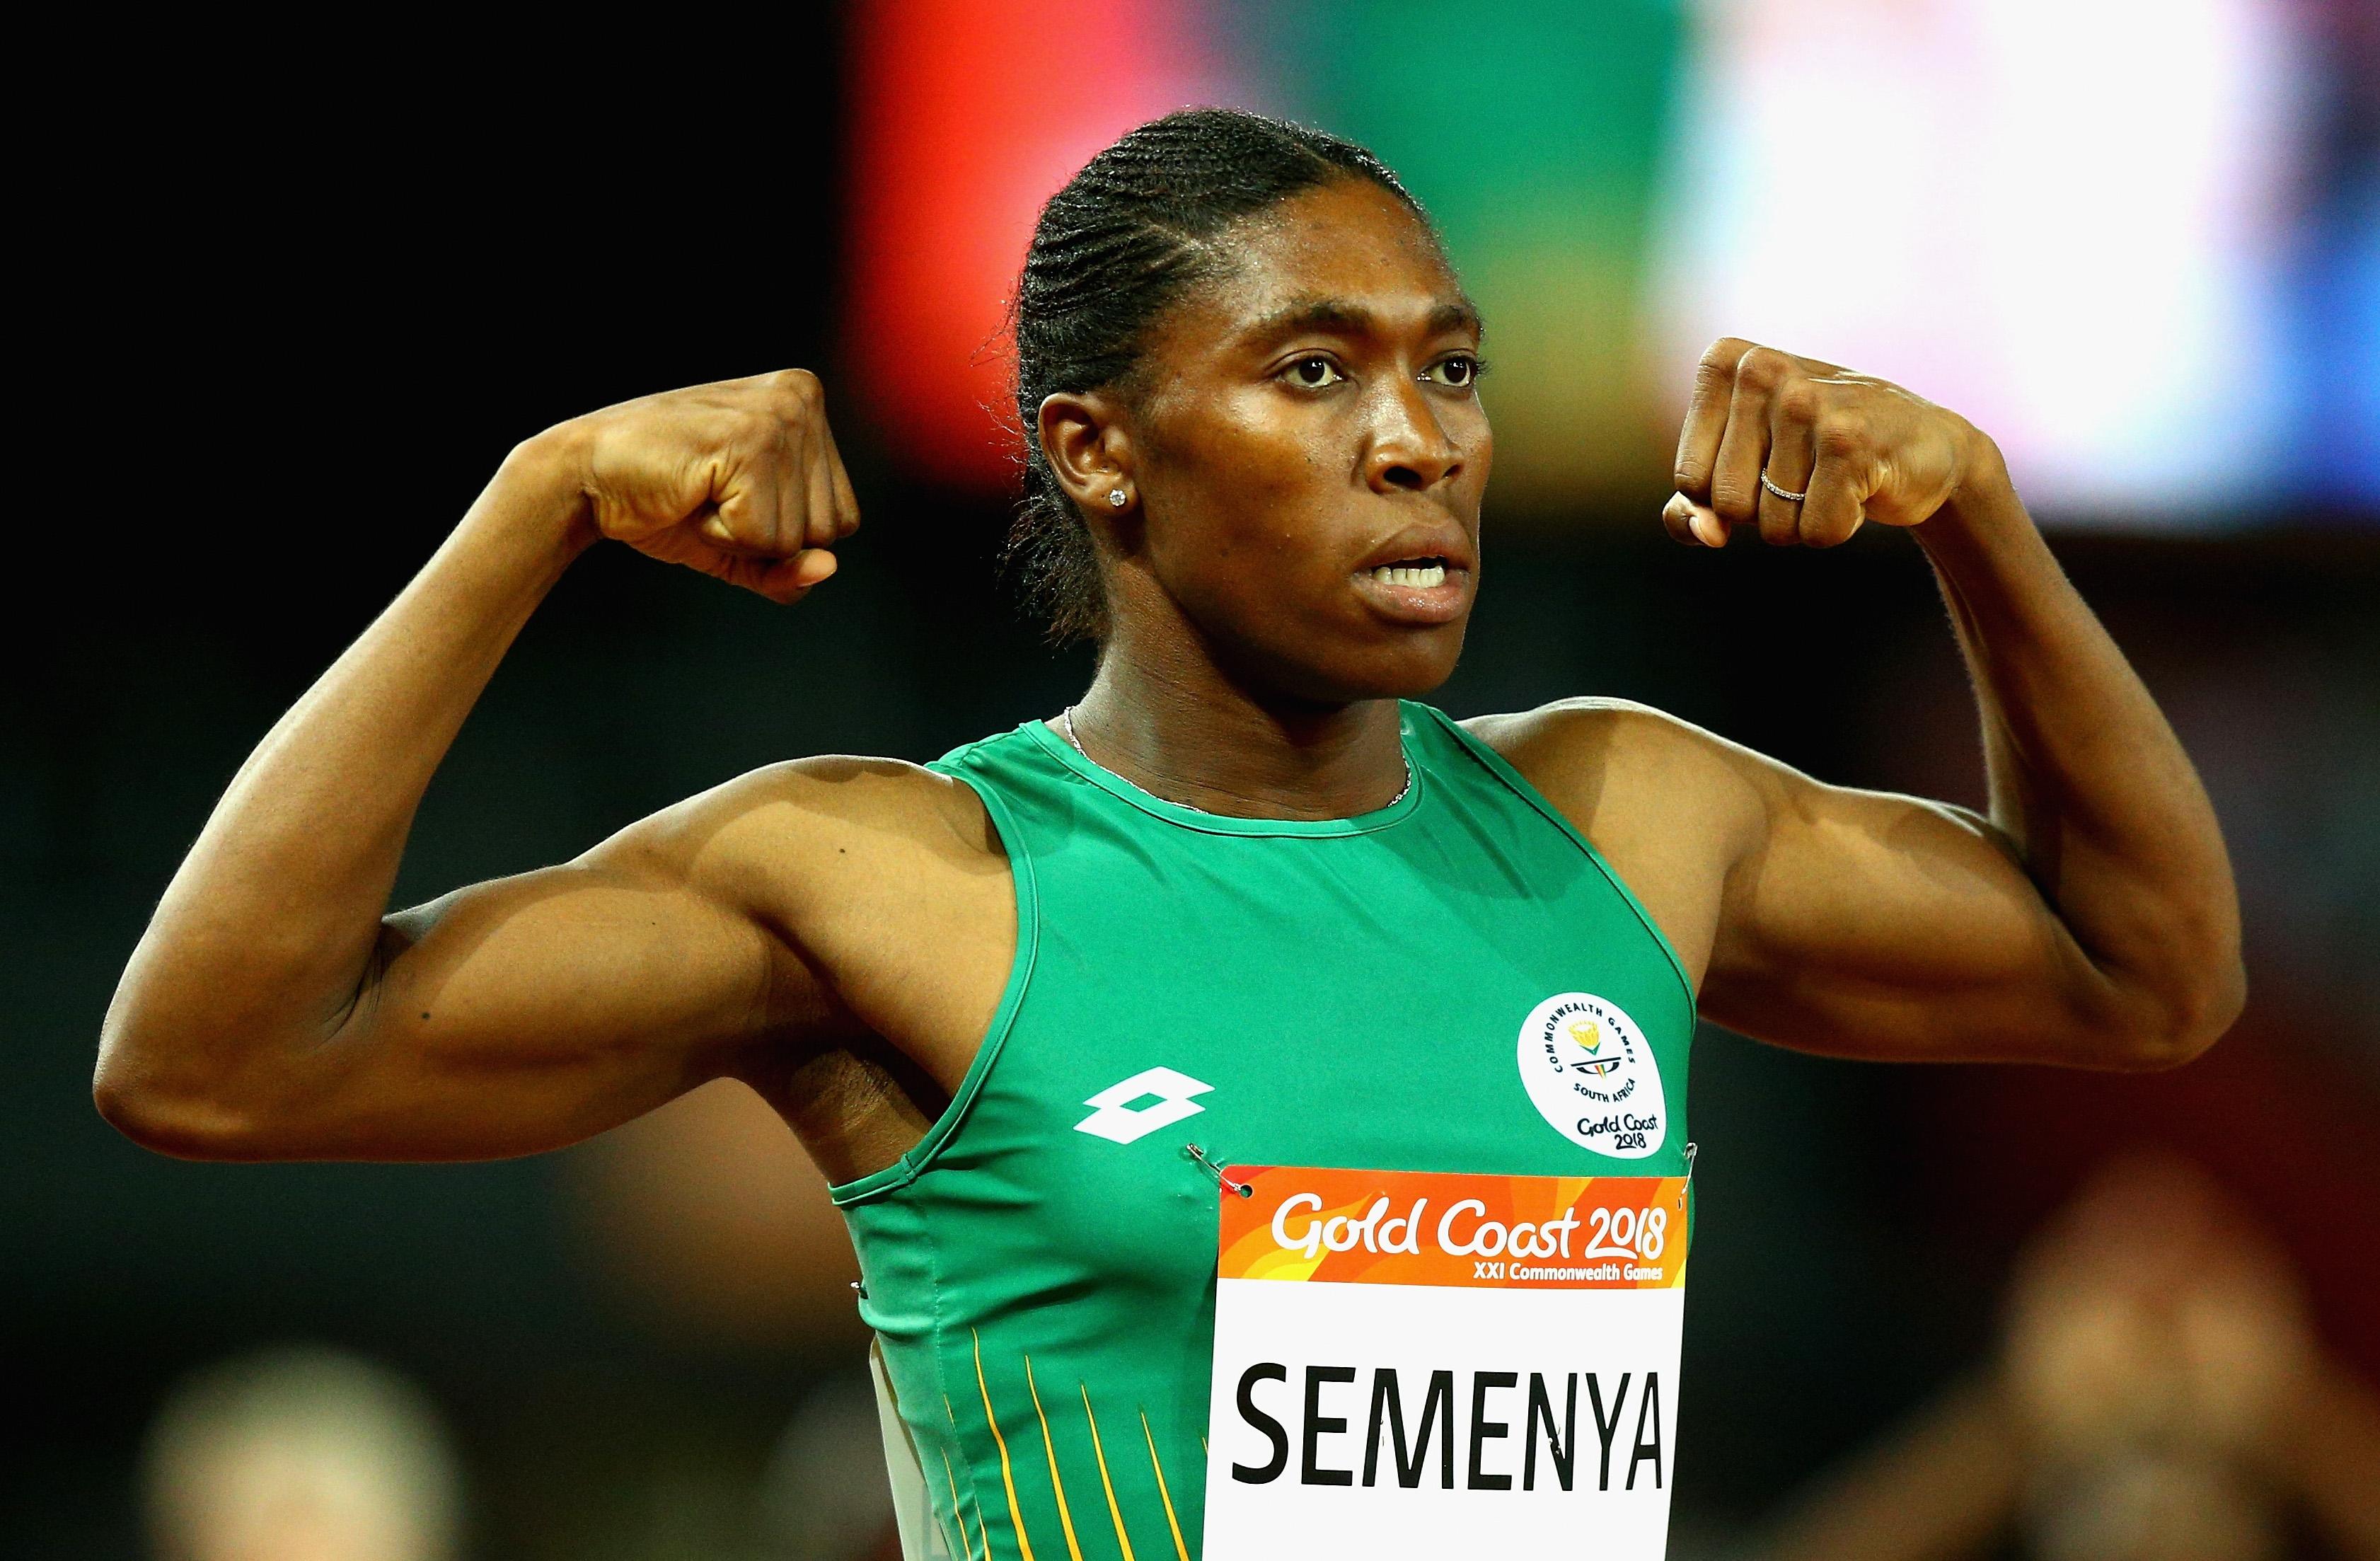 Двукратната олимпийска и трикратна световна шампионка на 800 метра Кастер